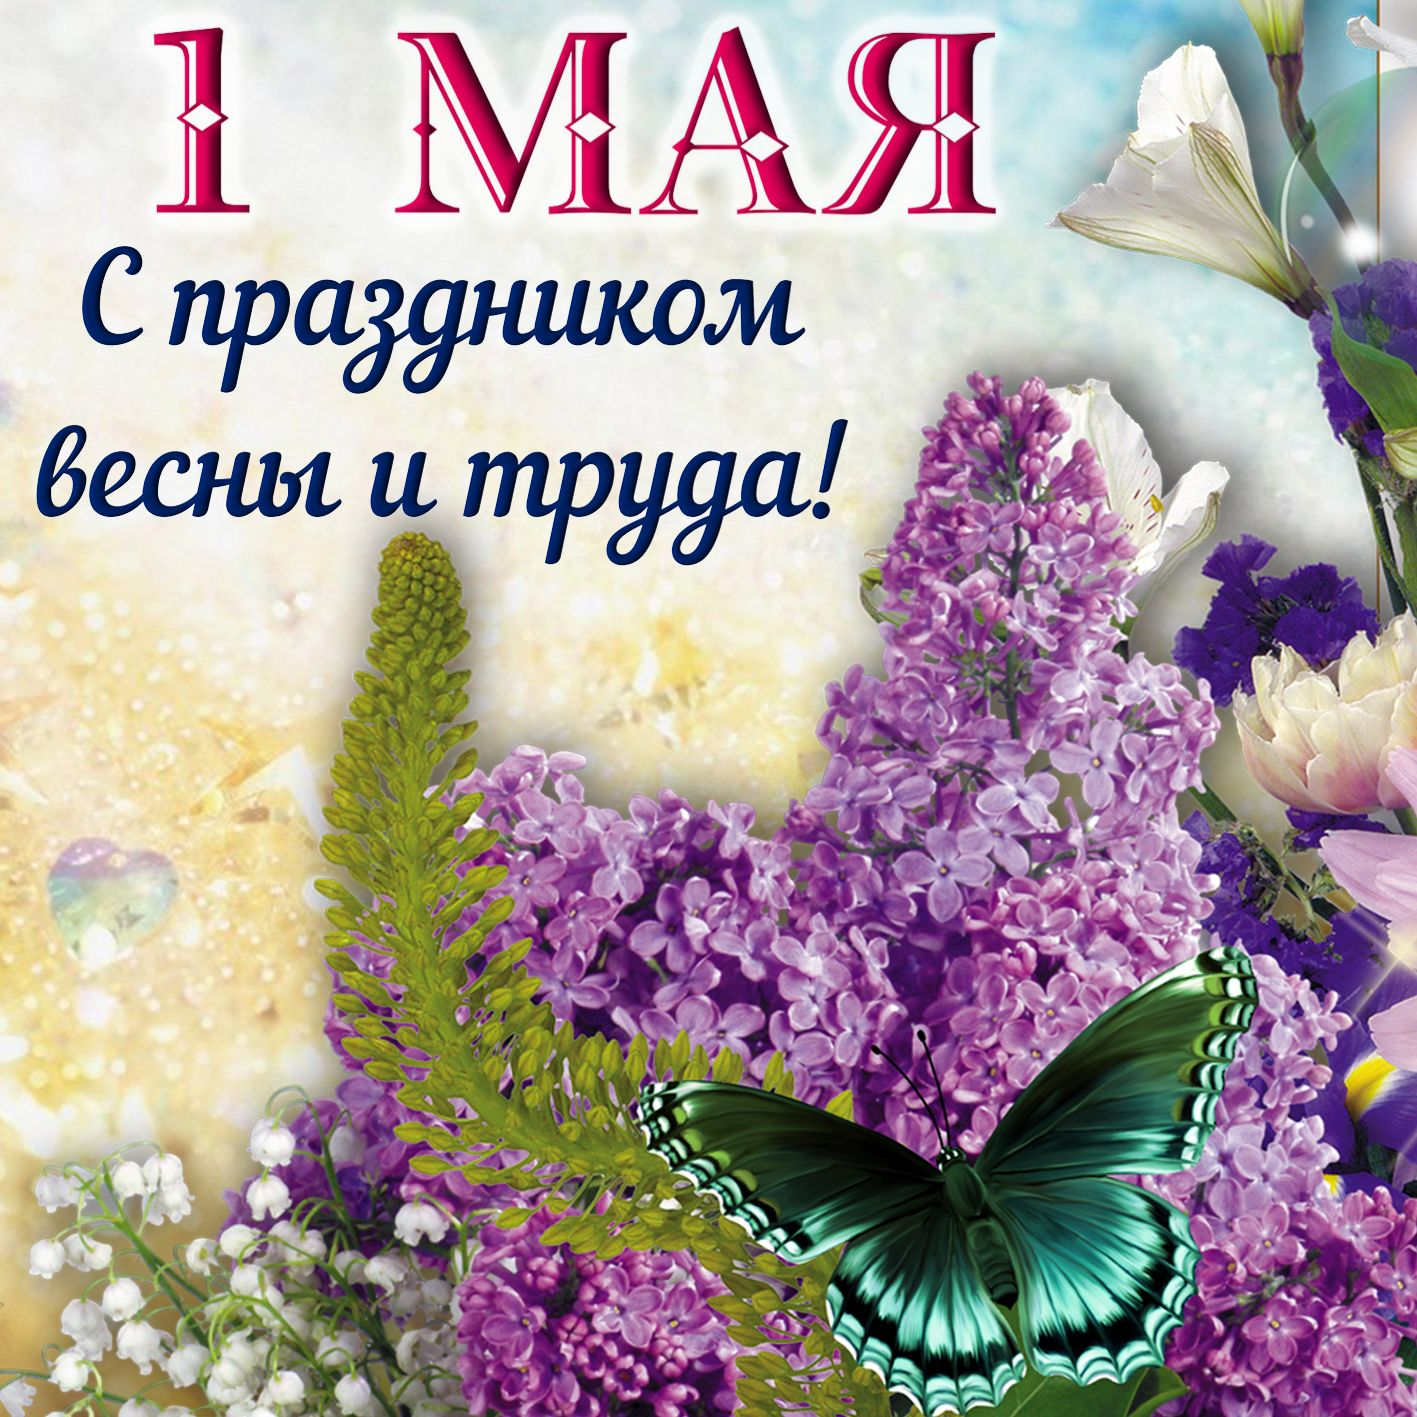 Красивые поздравления с 1 мая в стихах (35 новых поздравлений)